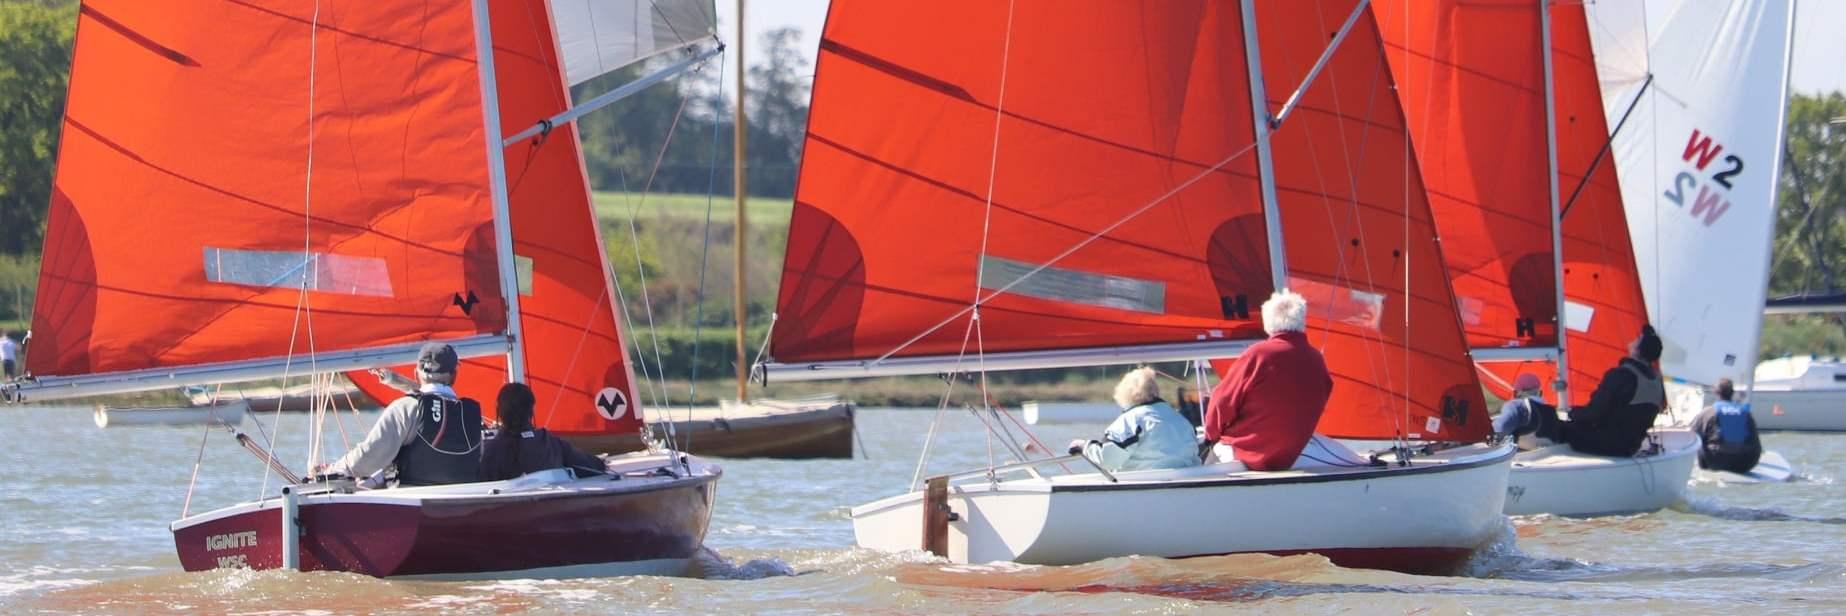 Waldringfield-Sailing-Club-Squibs-Go-Sailing